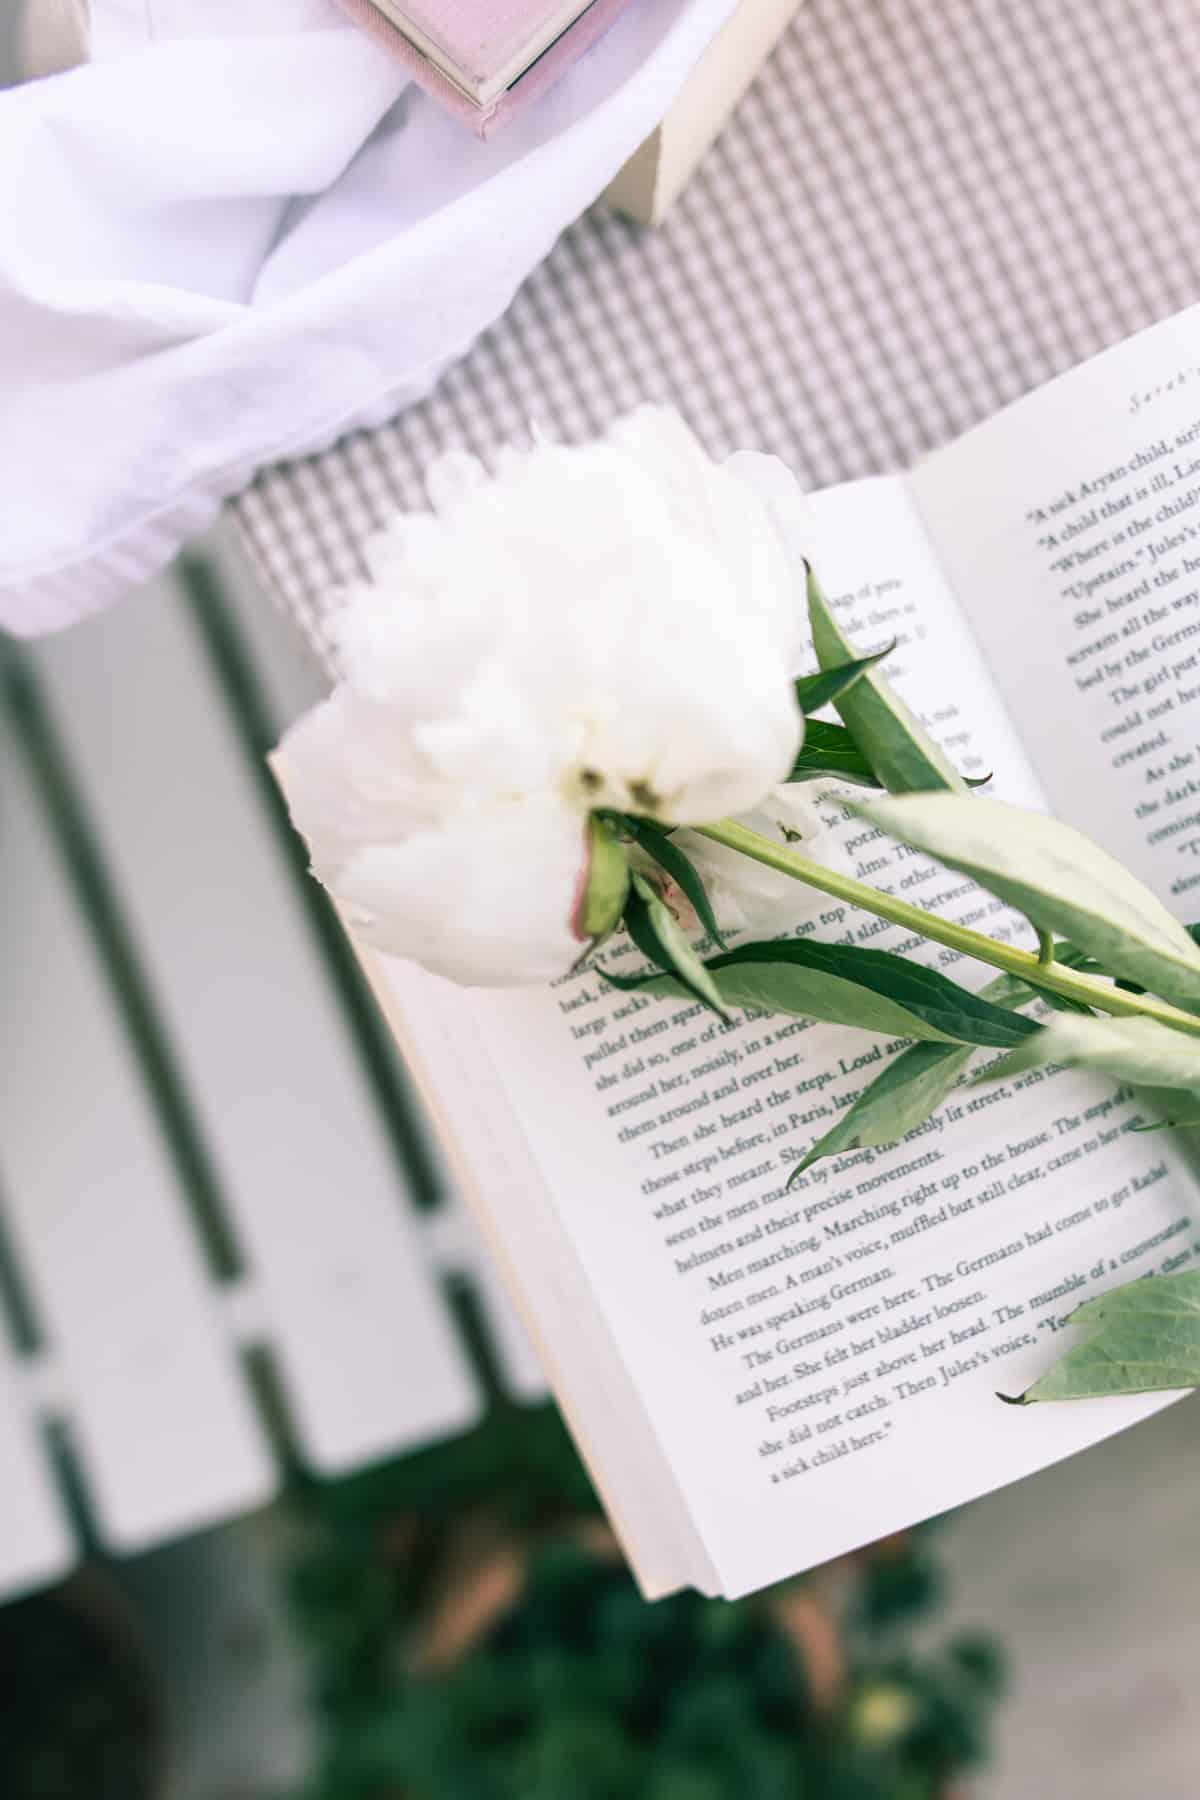 Peonies set atop an open book.